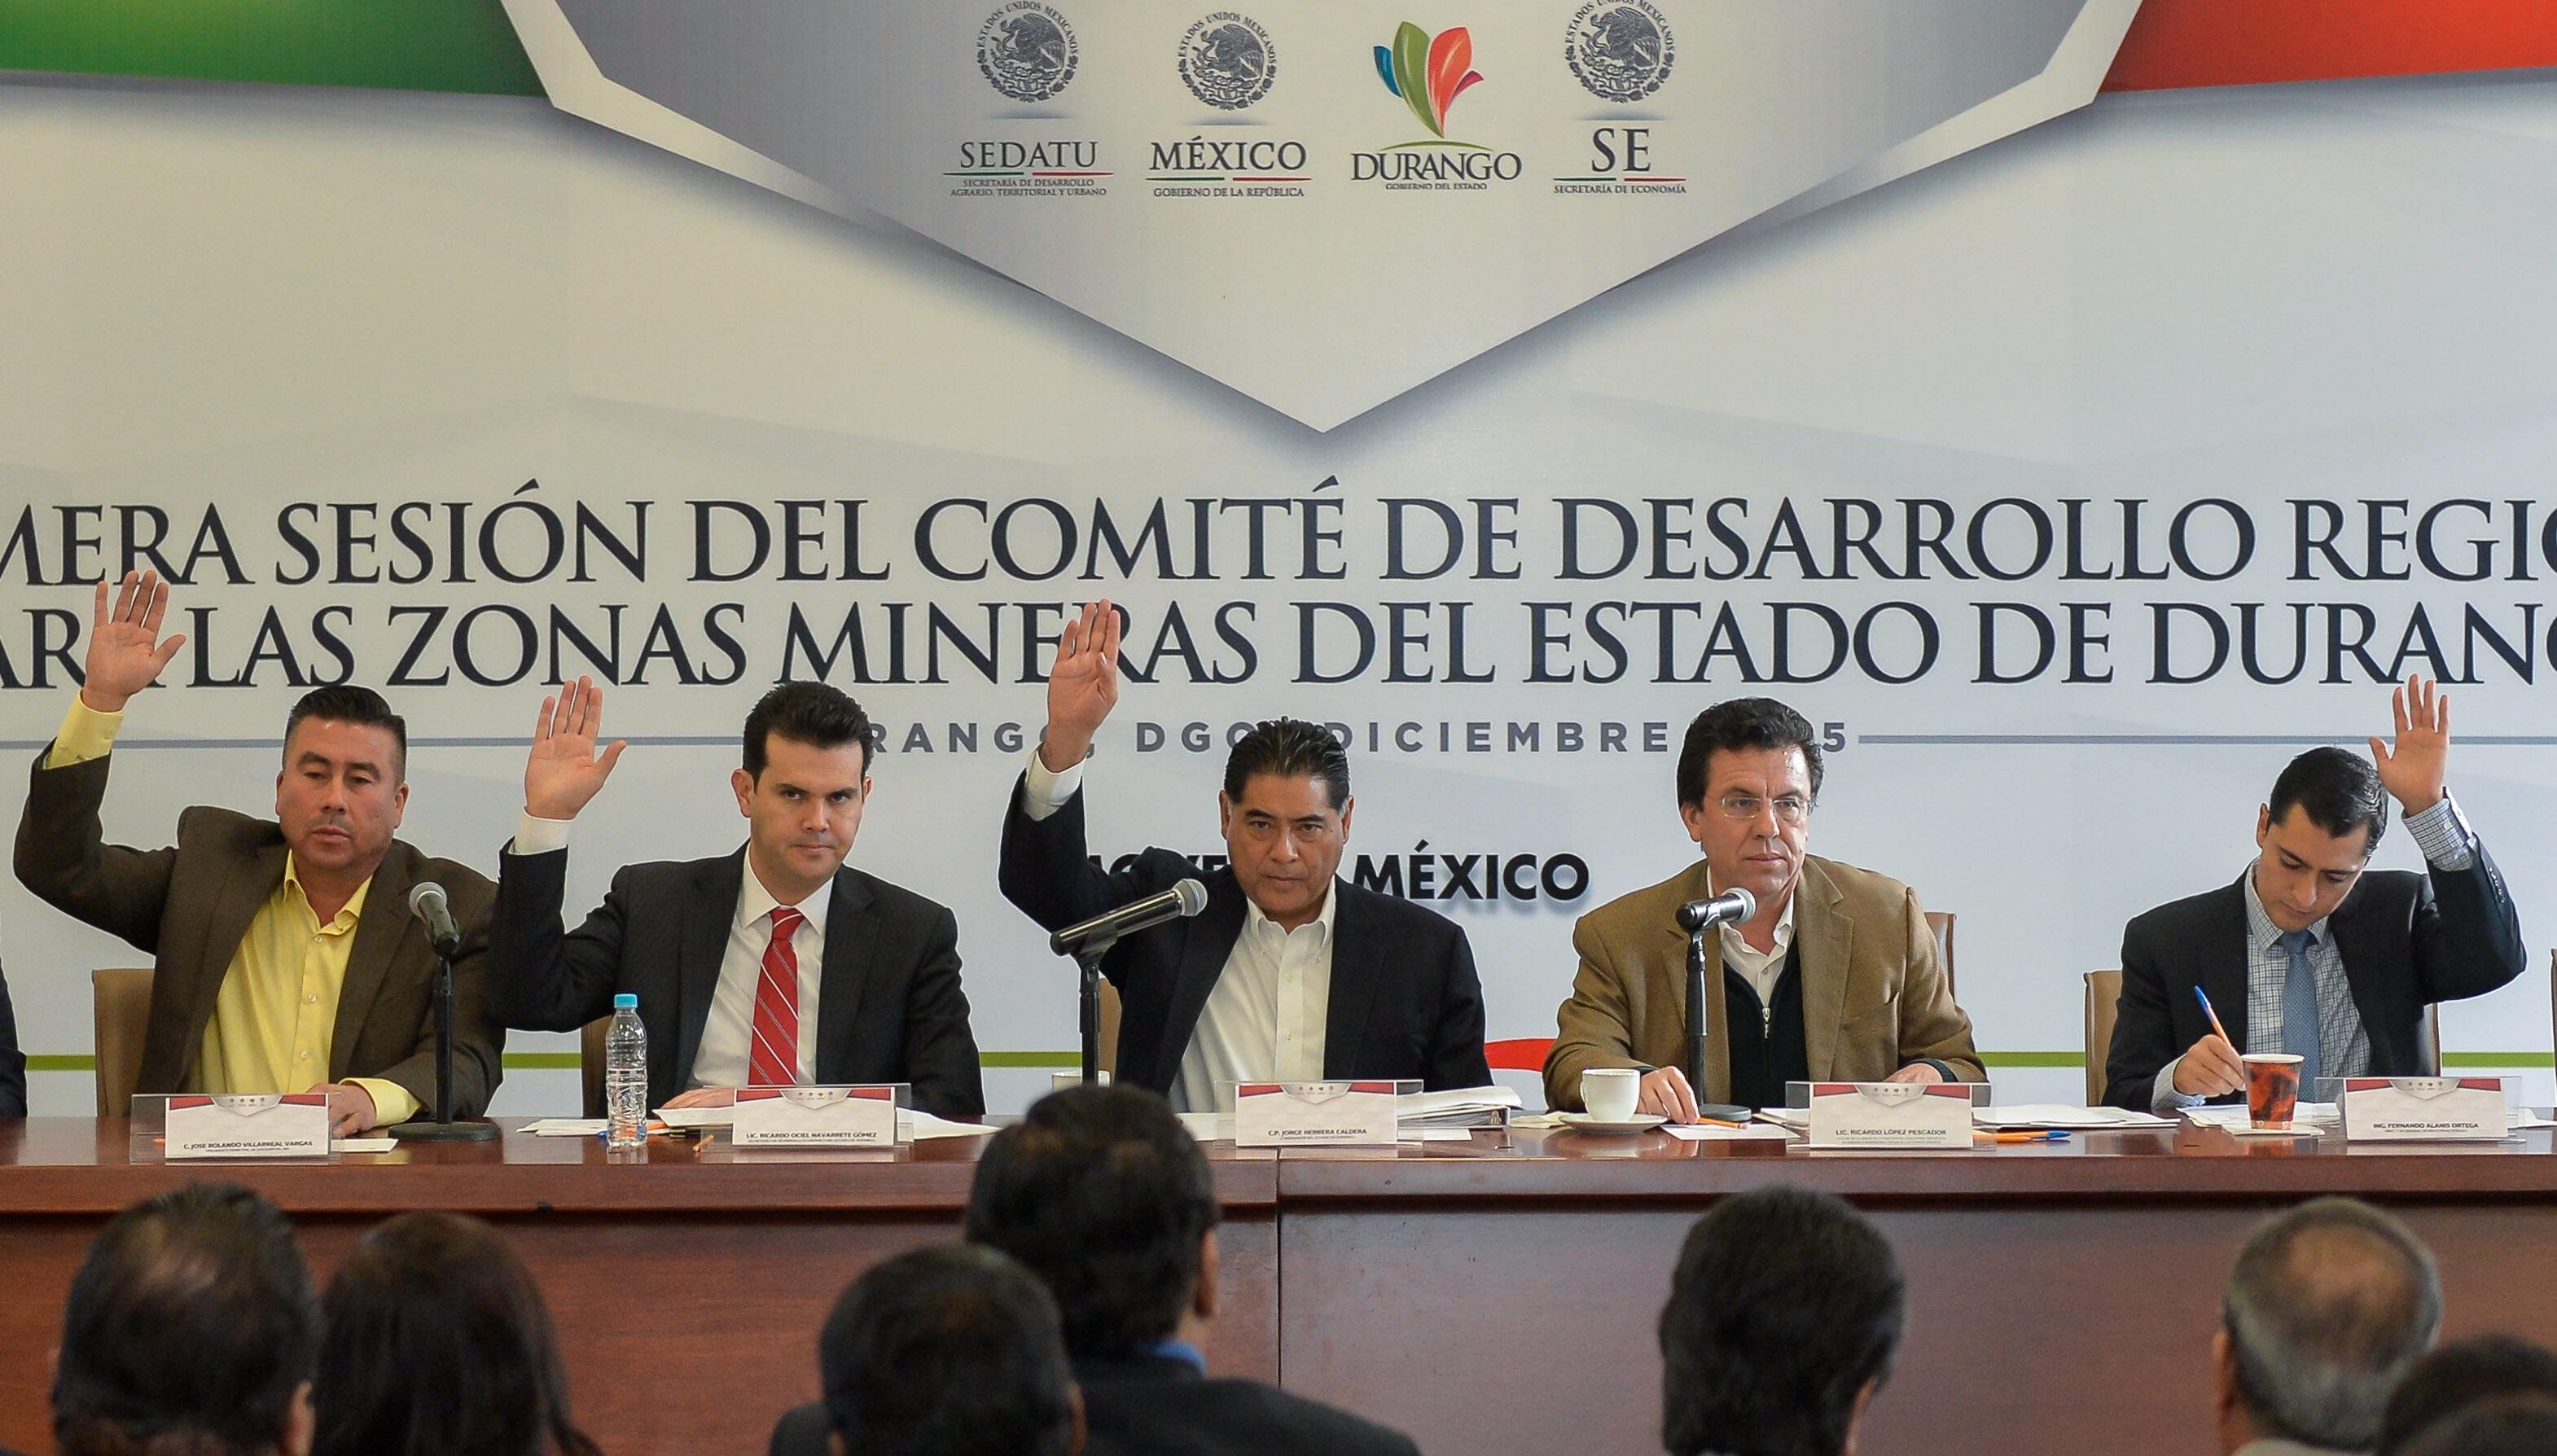 Integrantes del Comité para el Desarrollo Regional de las Zonas Mineras de Durango durante la votación para asignación de recursos para obras sociales.